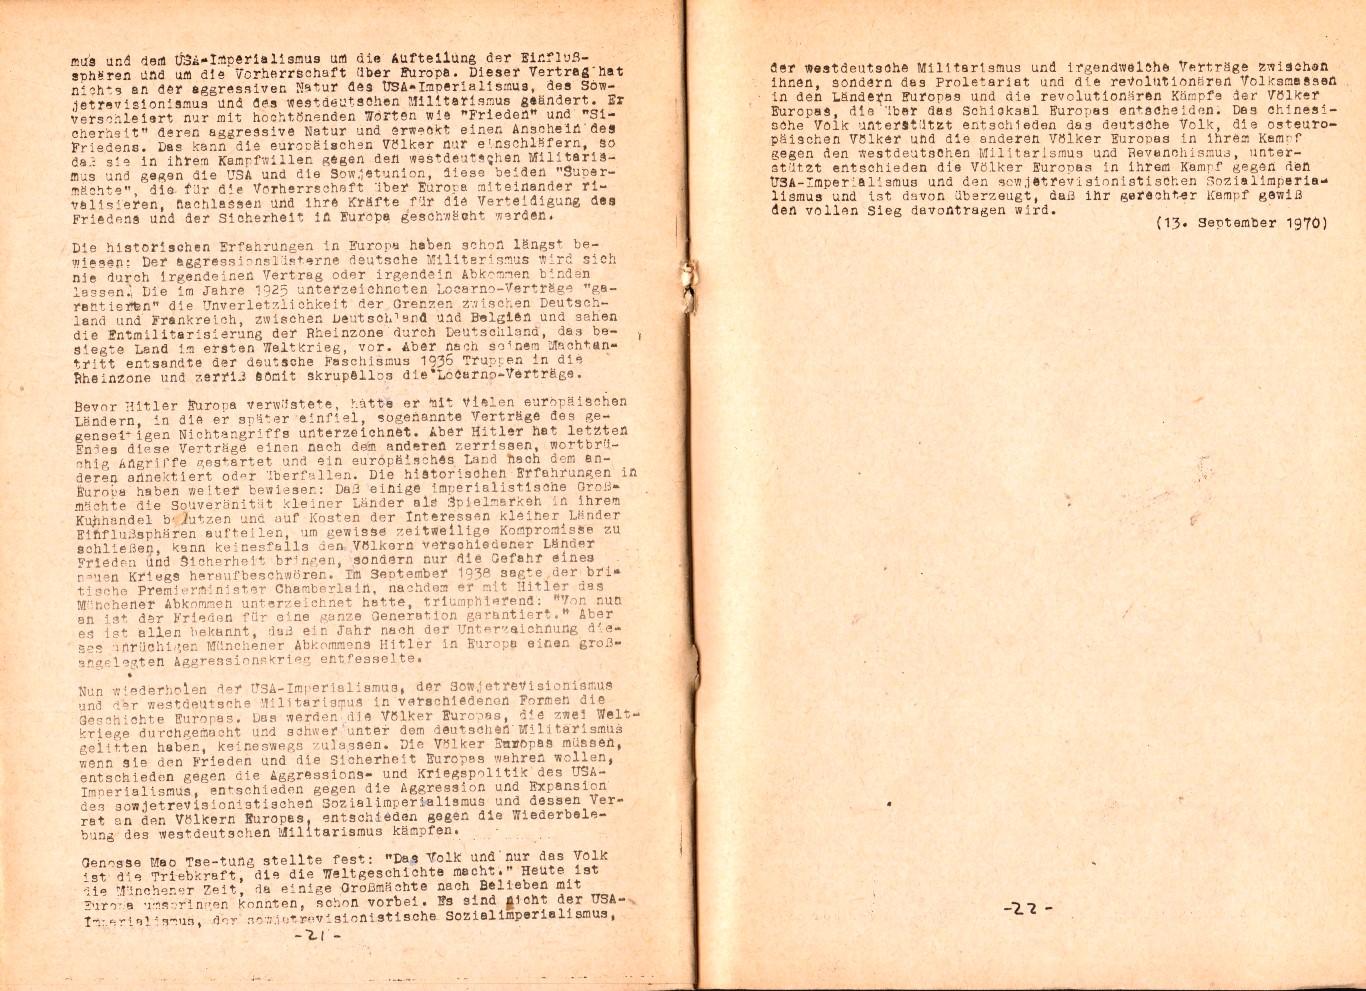 KPDML_1970_Der_sowjetisch_westdeutsche_Vertrag_14